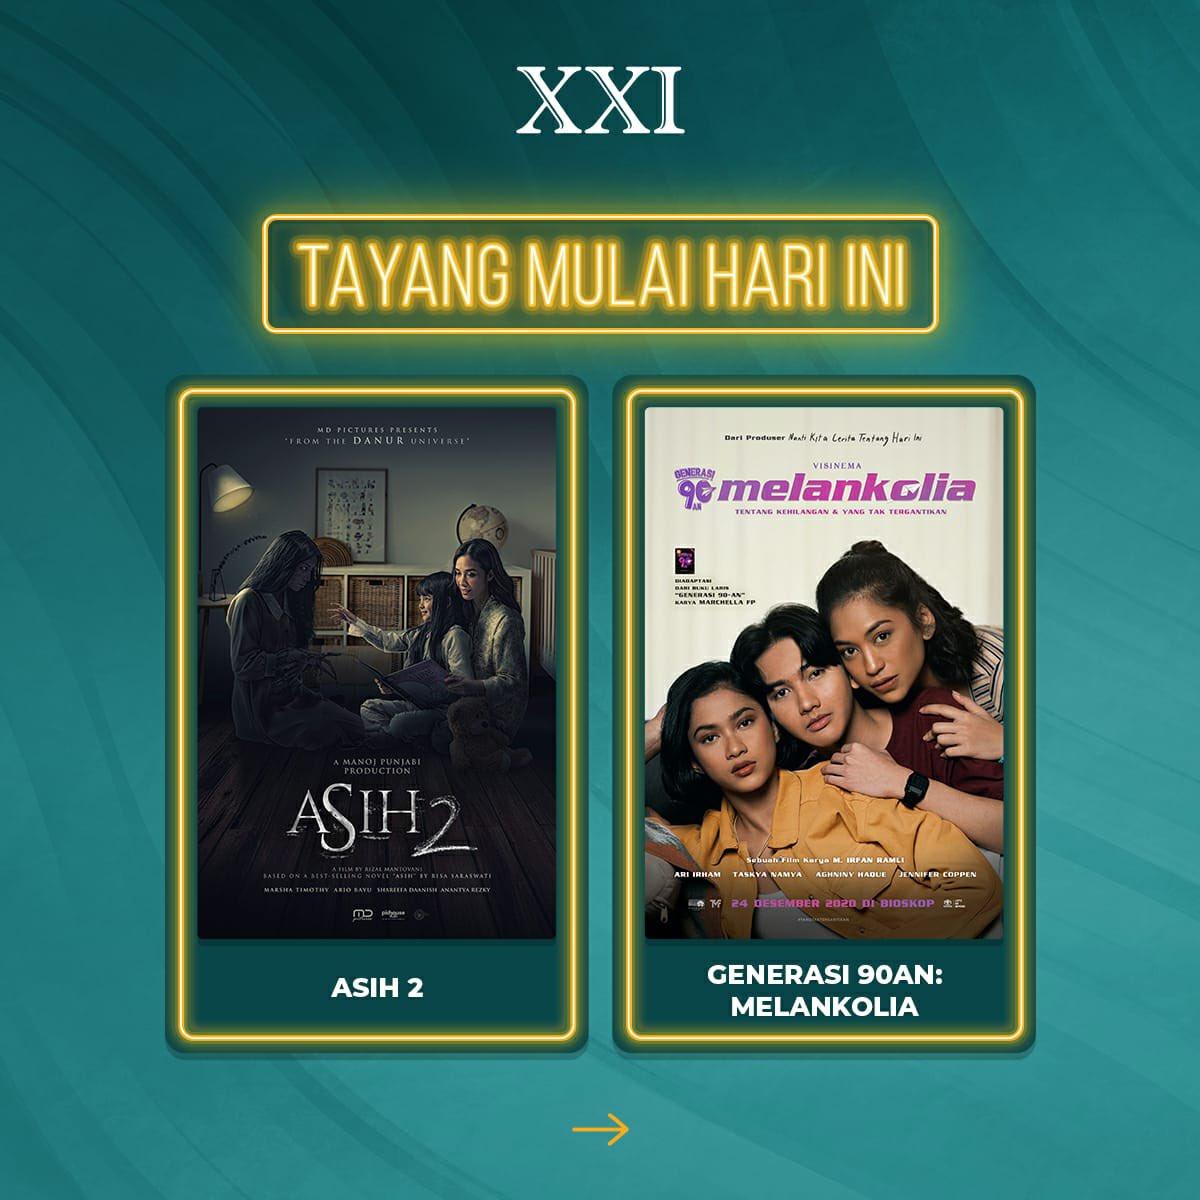 Top story: @cinema21: 'Hari ini #KamiskeBioskop nonton @FILM_Indonesia yang mana nih? Film Asih 2 atau Generasi 90an: Melankolia? Atau dua-duanya? Coba reply foto tiketnya, ya! Mimin tunggu 😍  #RinduNontondiXXI #ASIKny… , see more